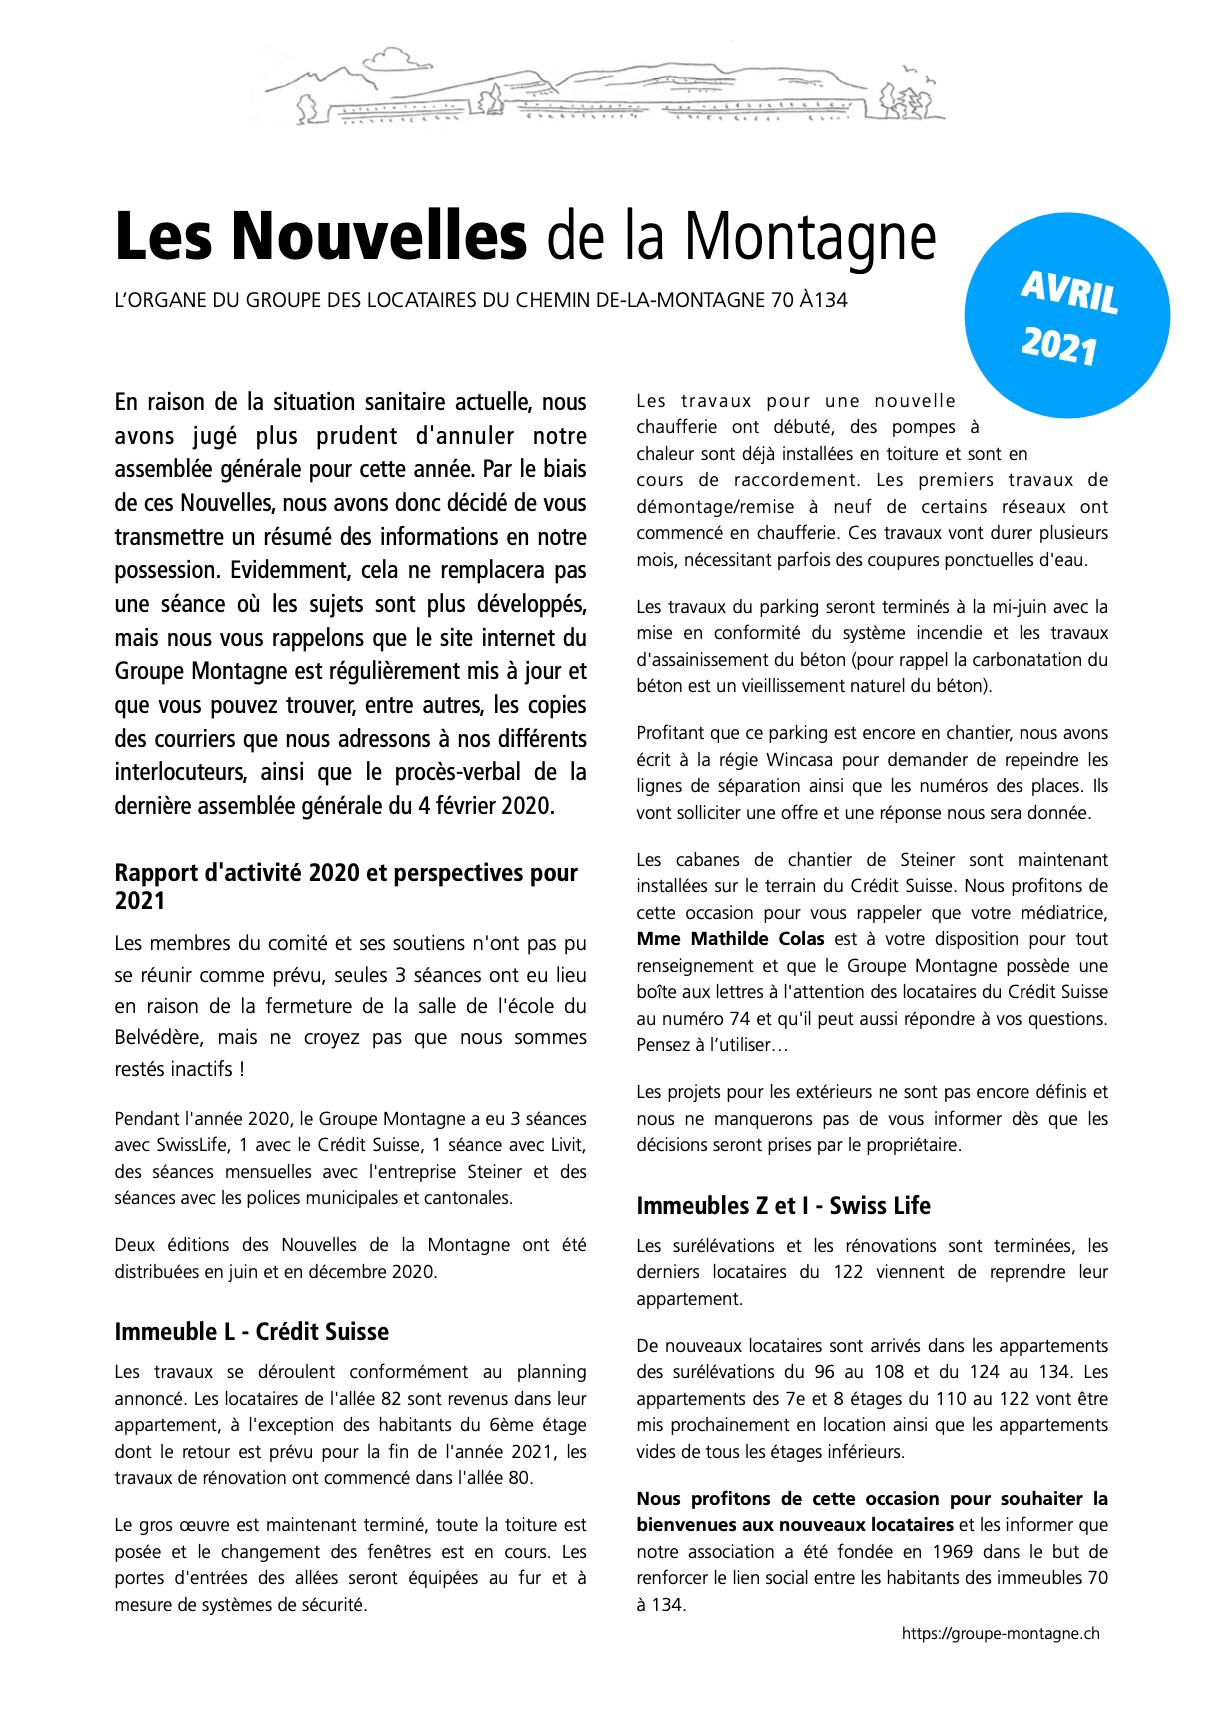 Nouvelles de la Montagne - Édition avril 2021